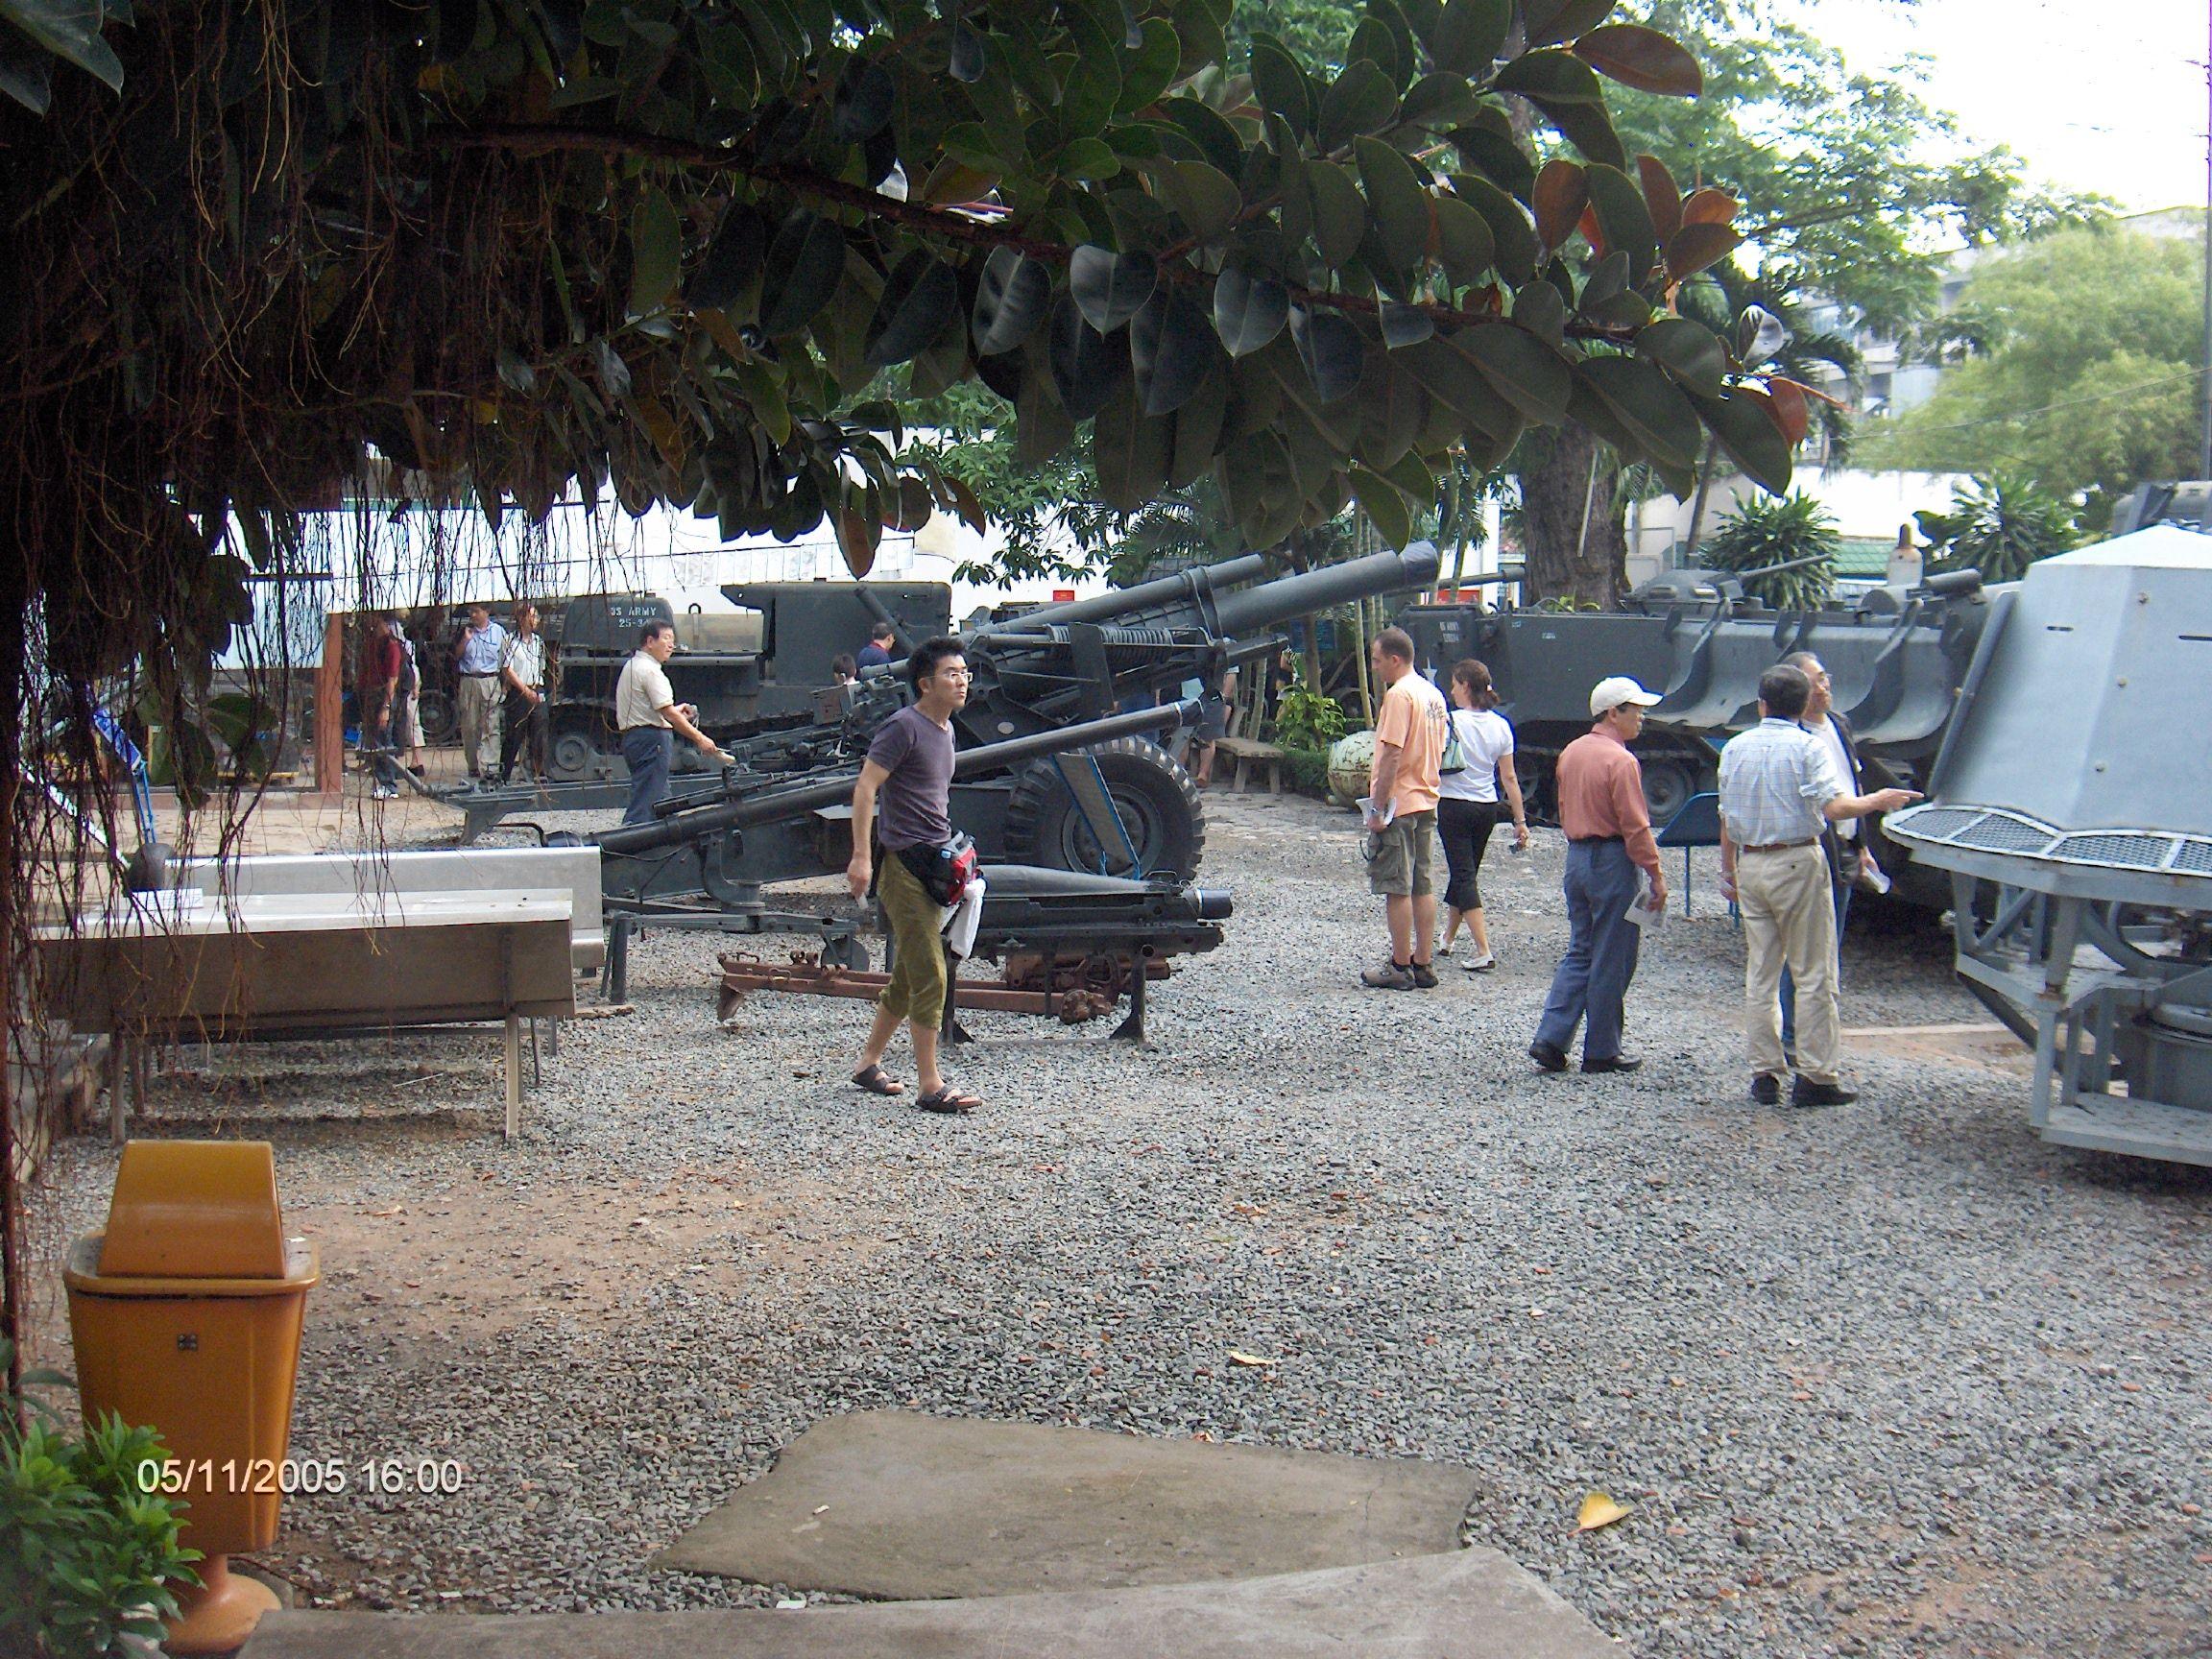 Stridsvagnar vid presidentpalatset